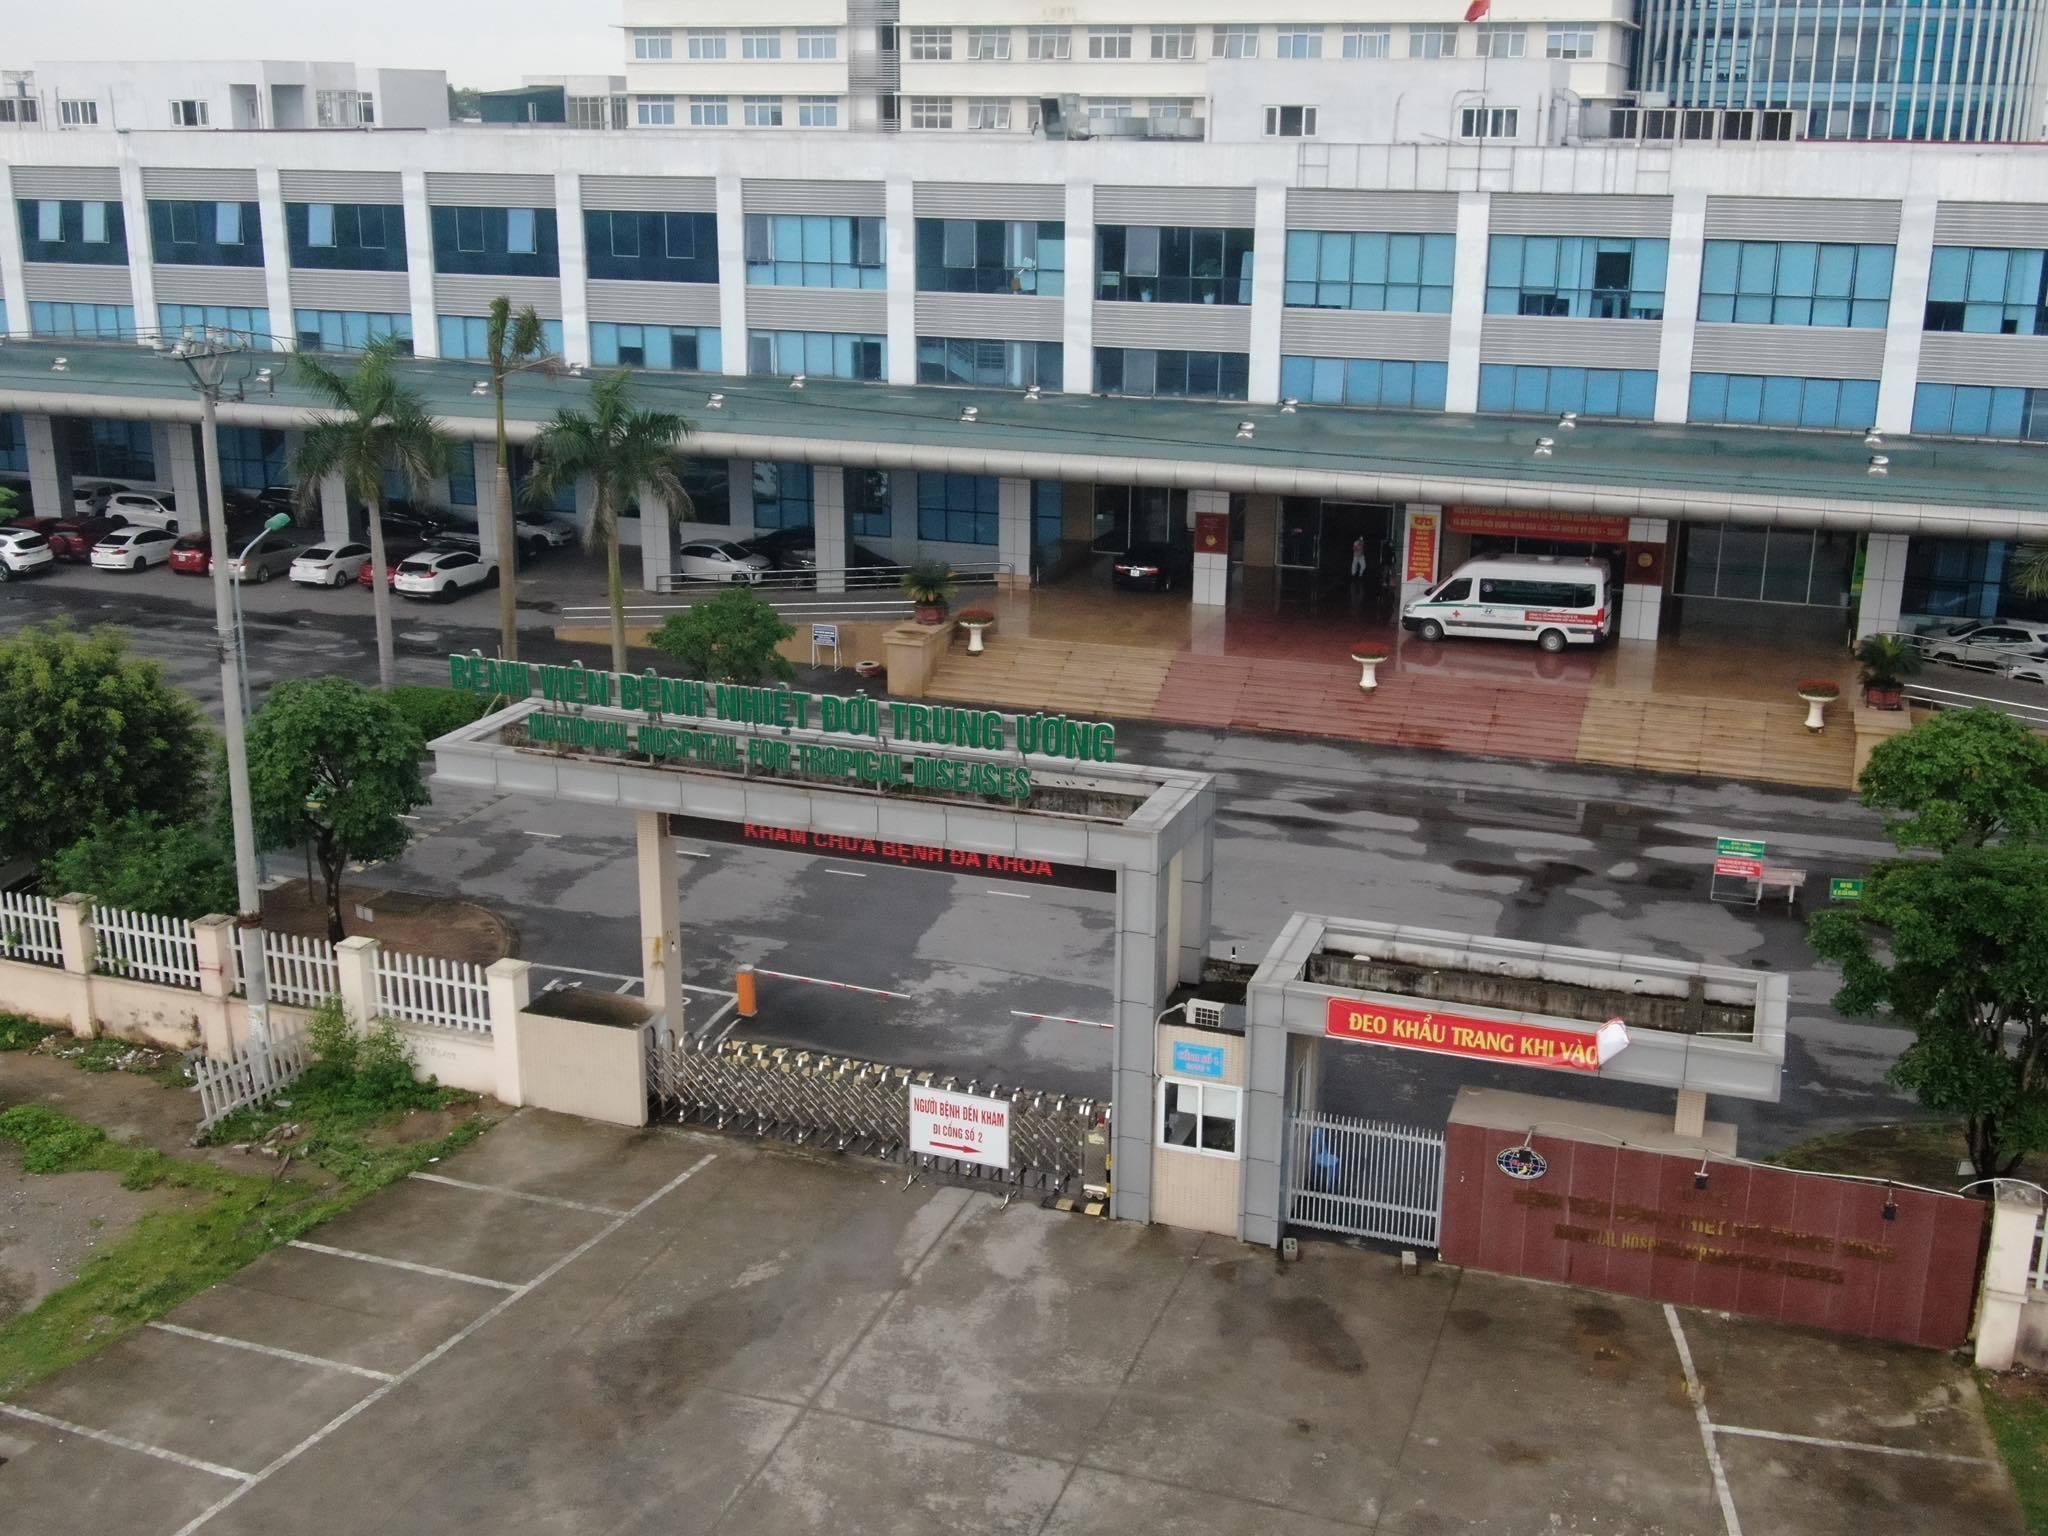 Cảnh 'nội bất xuất, ngoại bất nhập' nơi có thêm 14 ca Covid-19 ở Hà Nội